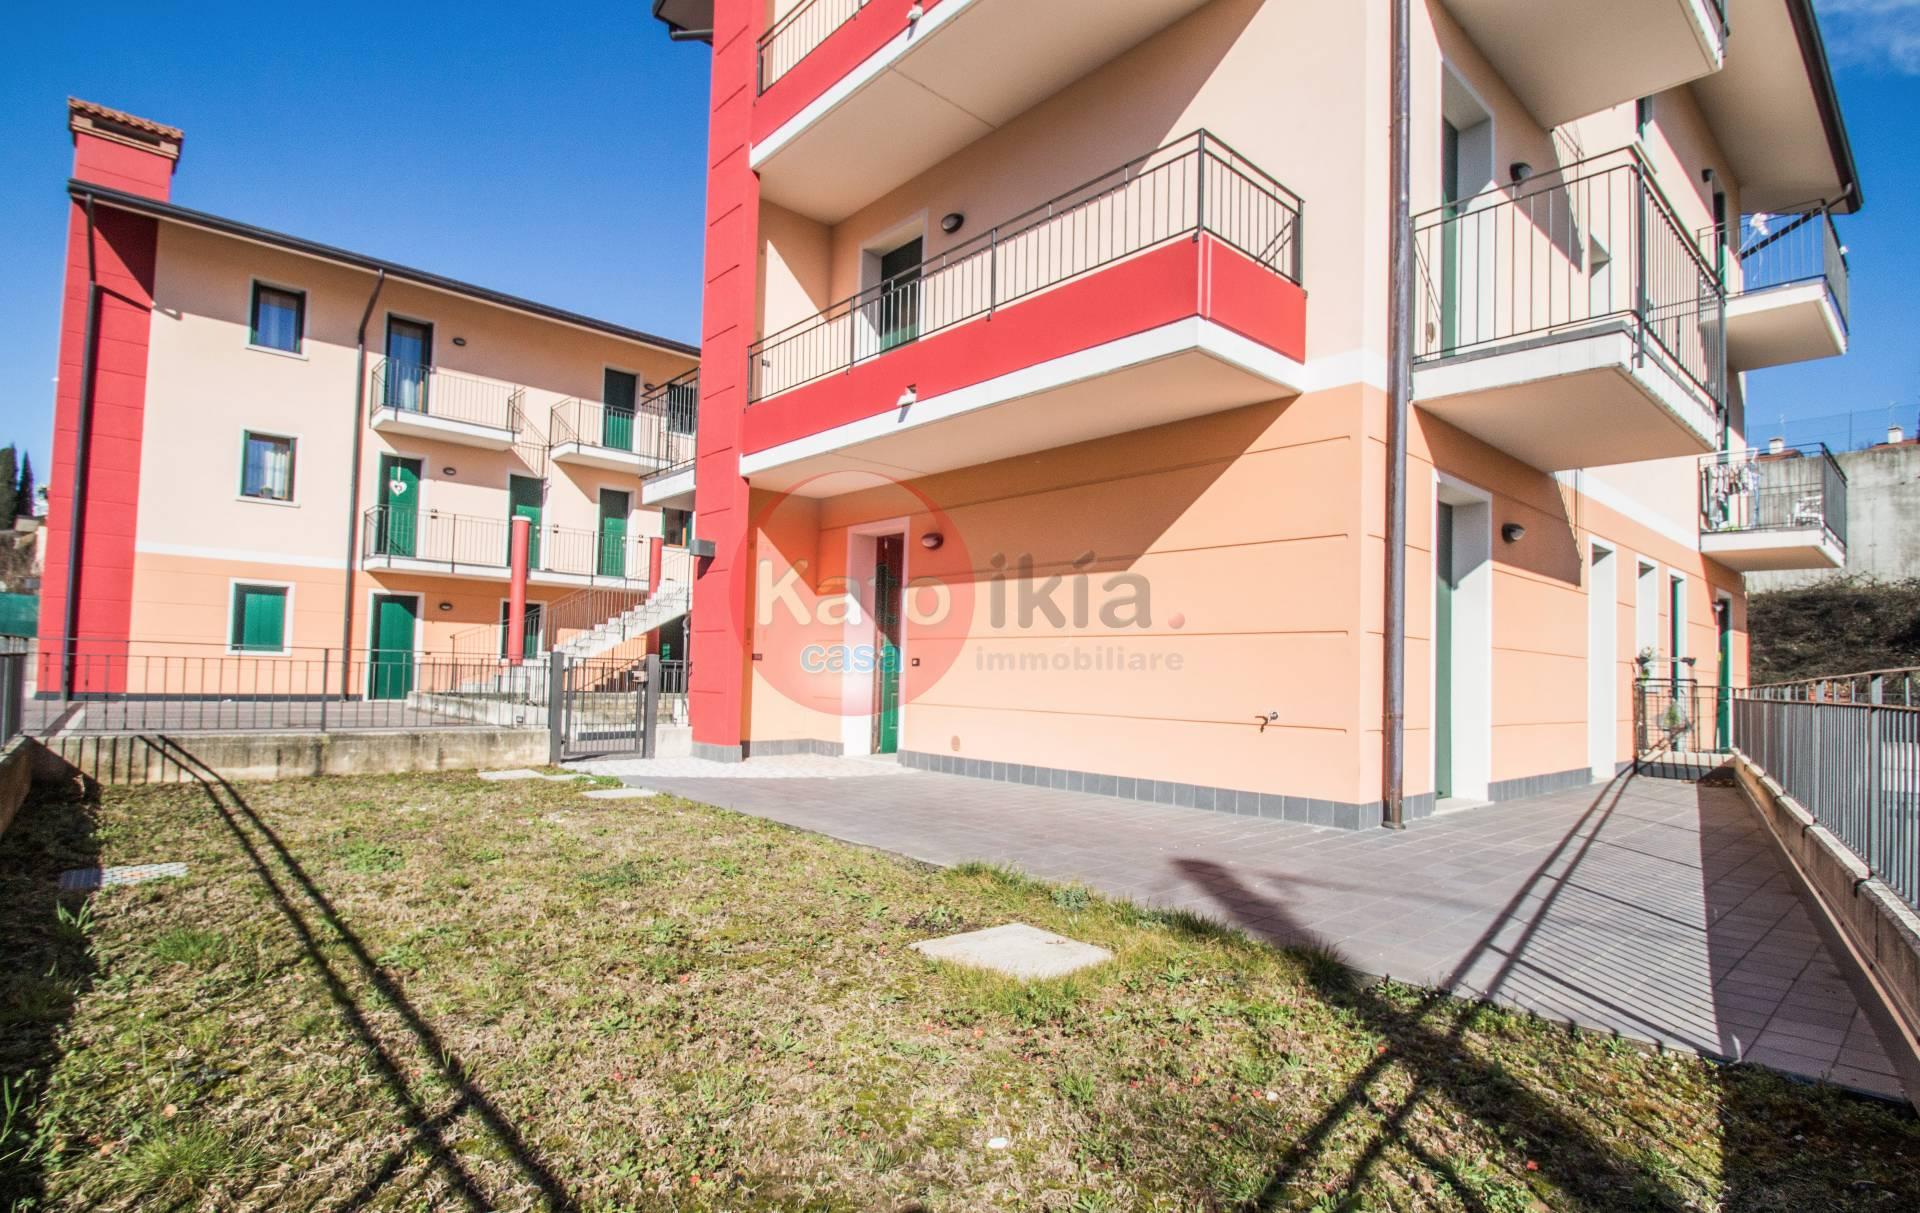 Appartamento in vendita a Torrebelvicino, 2 locali, prezzo € 69.500 | CambioCasa.it